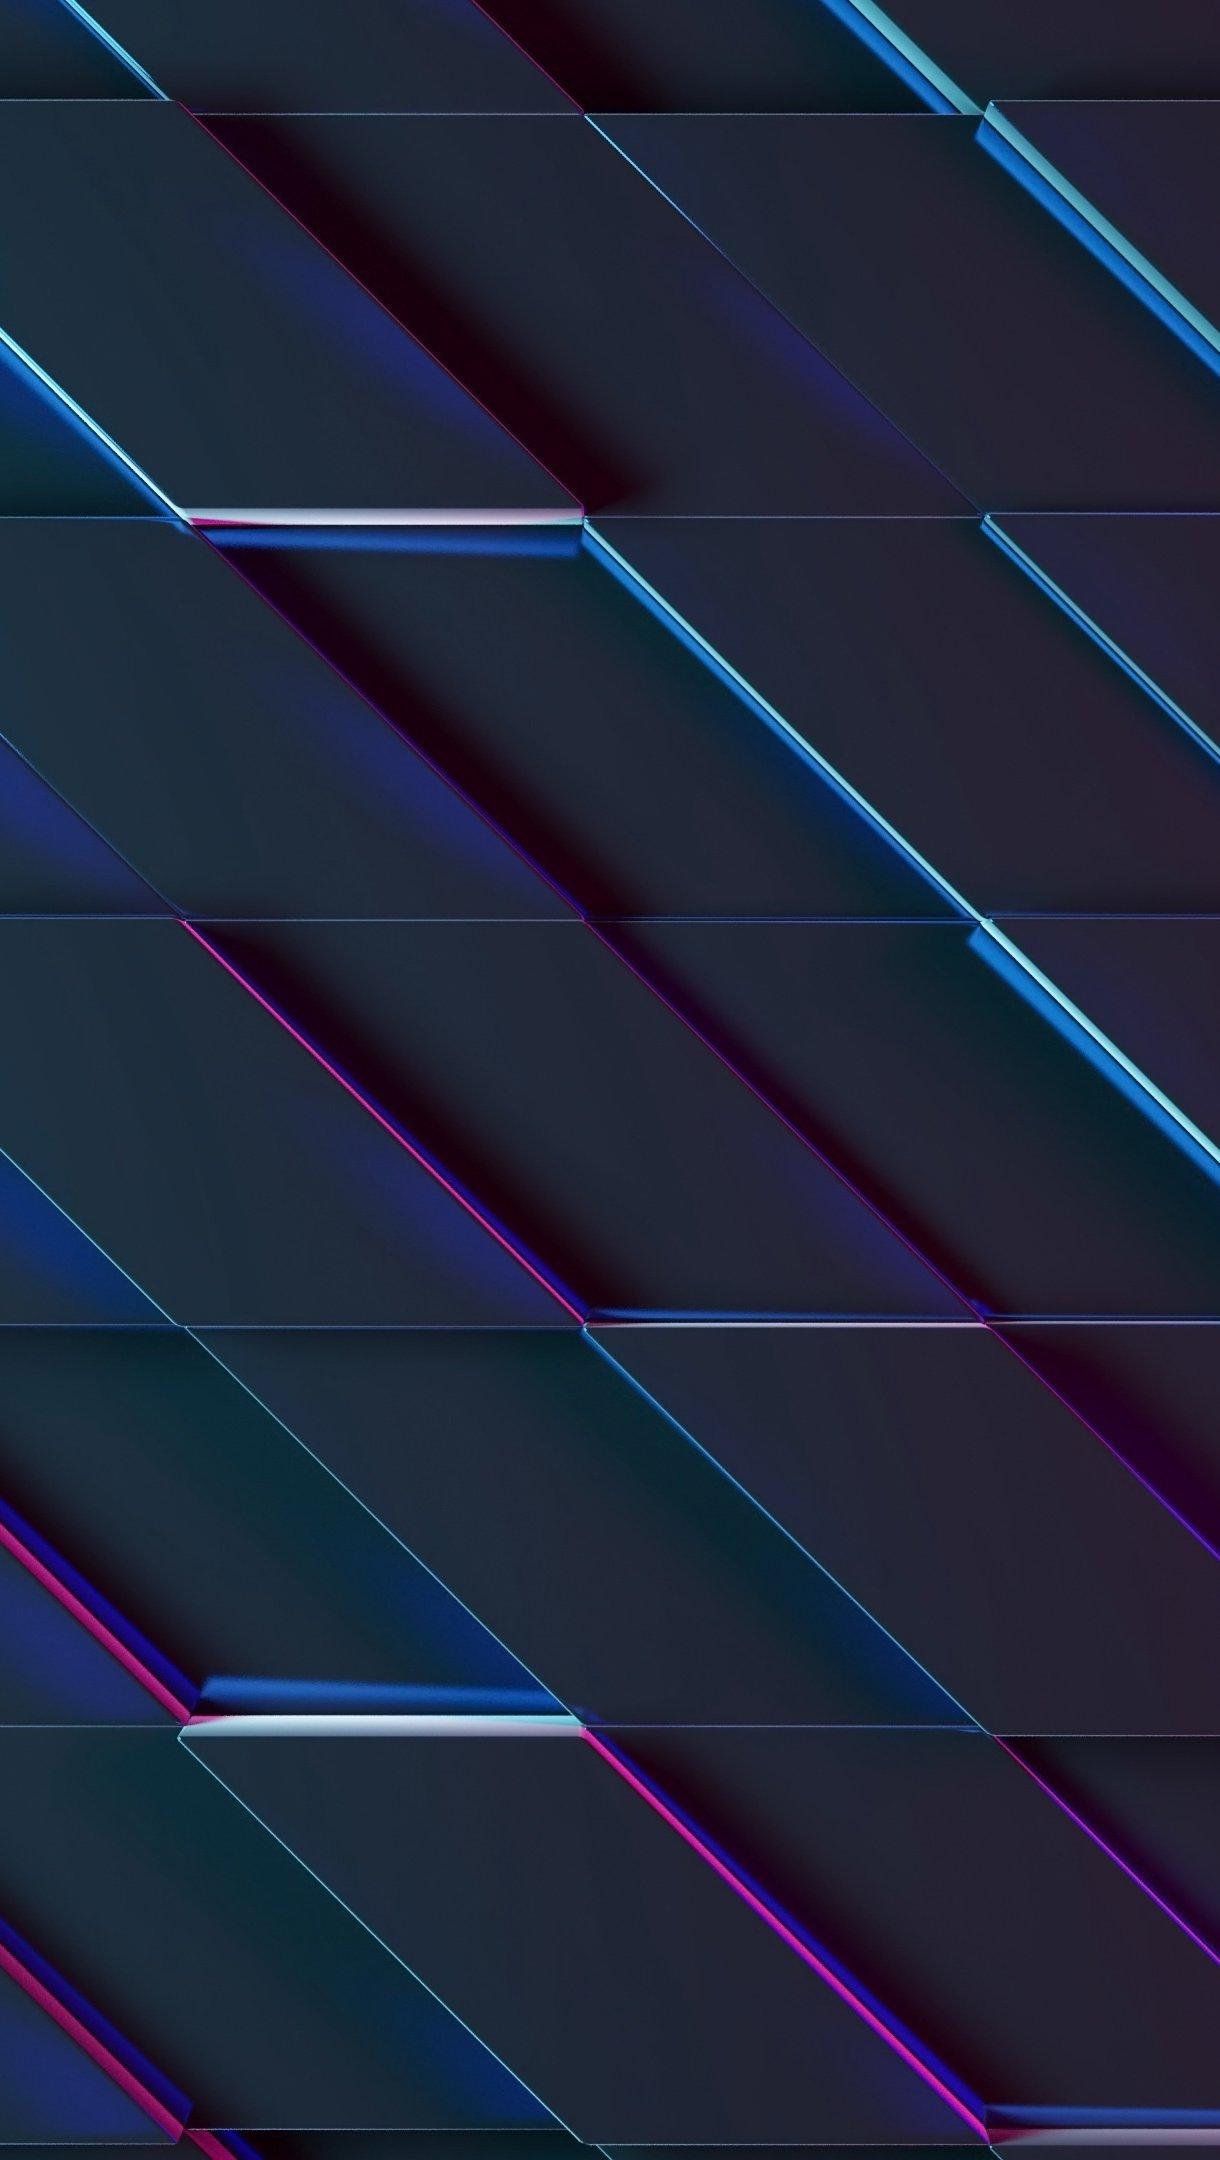 Fondos de pantalla Rectángulos iluminación neón 3D Vertical